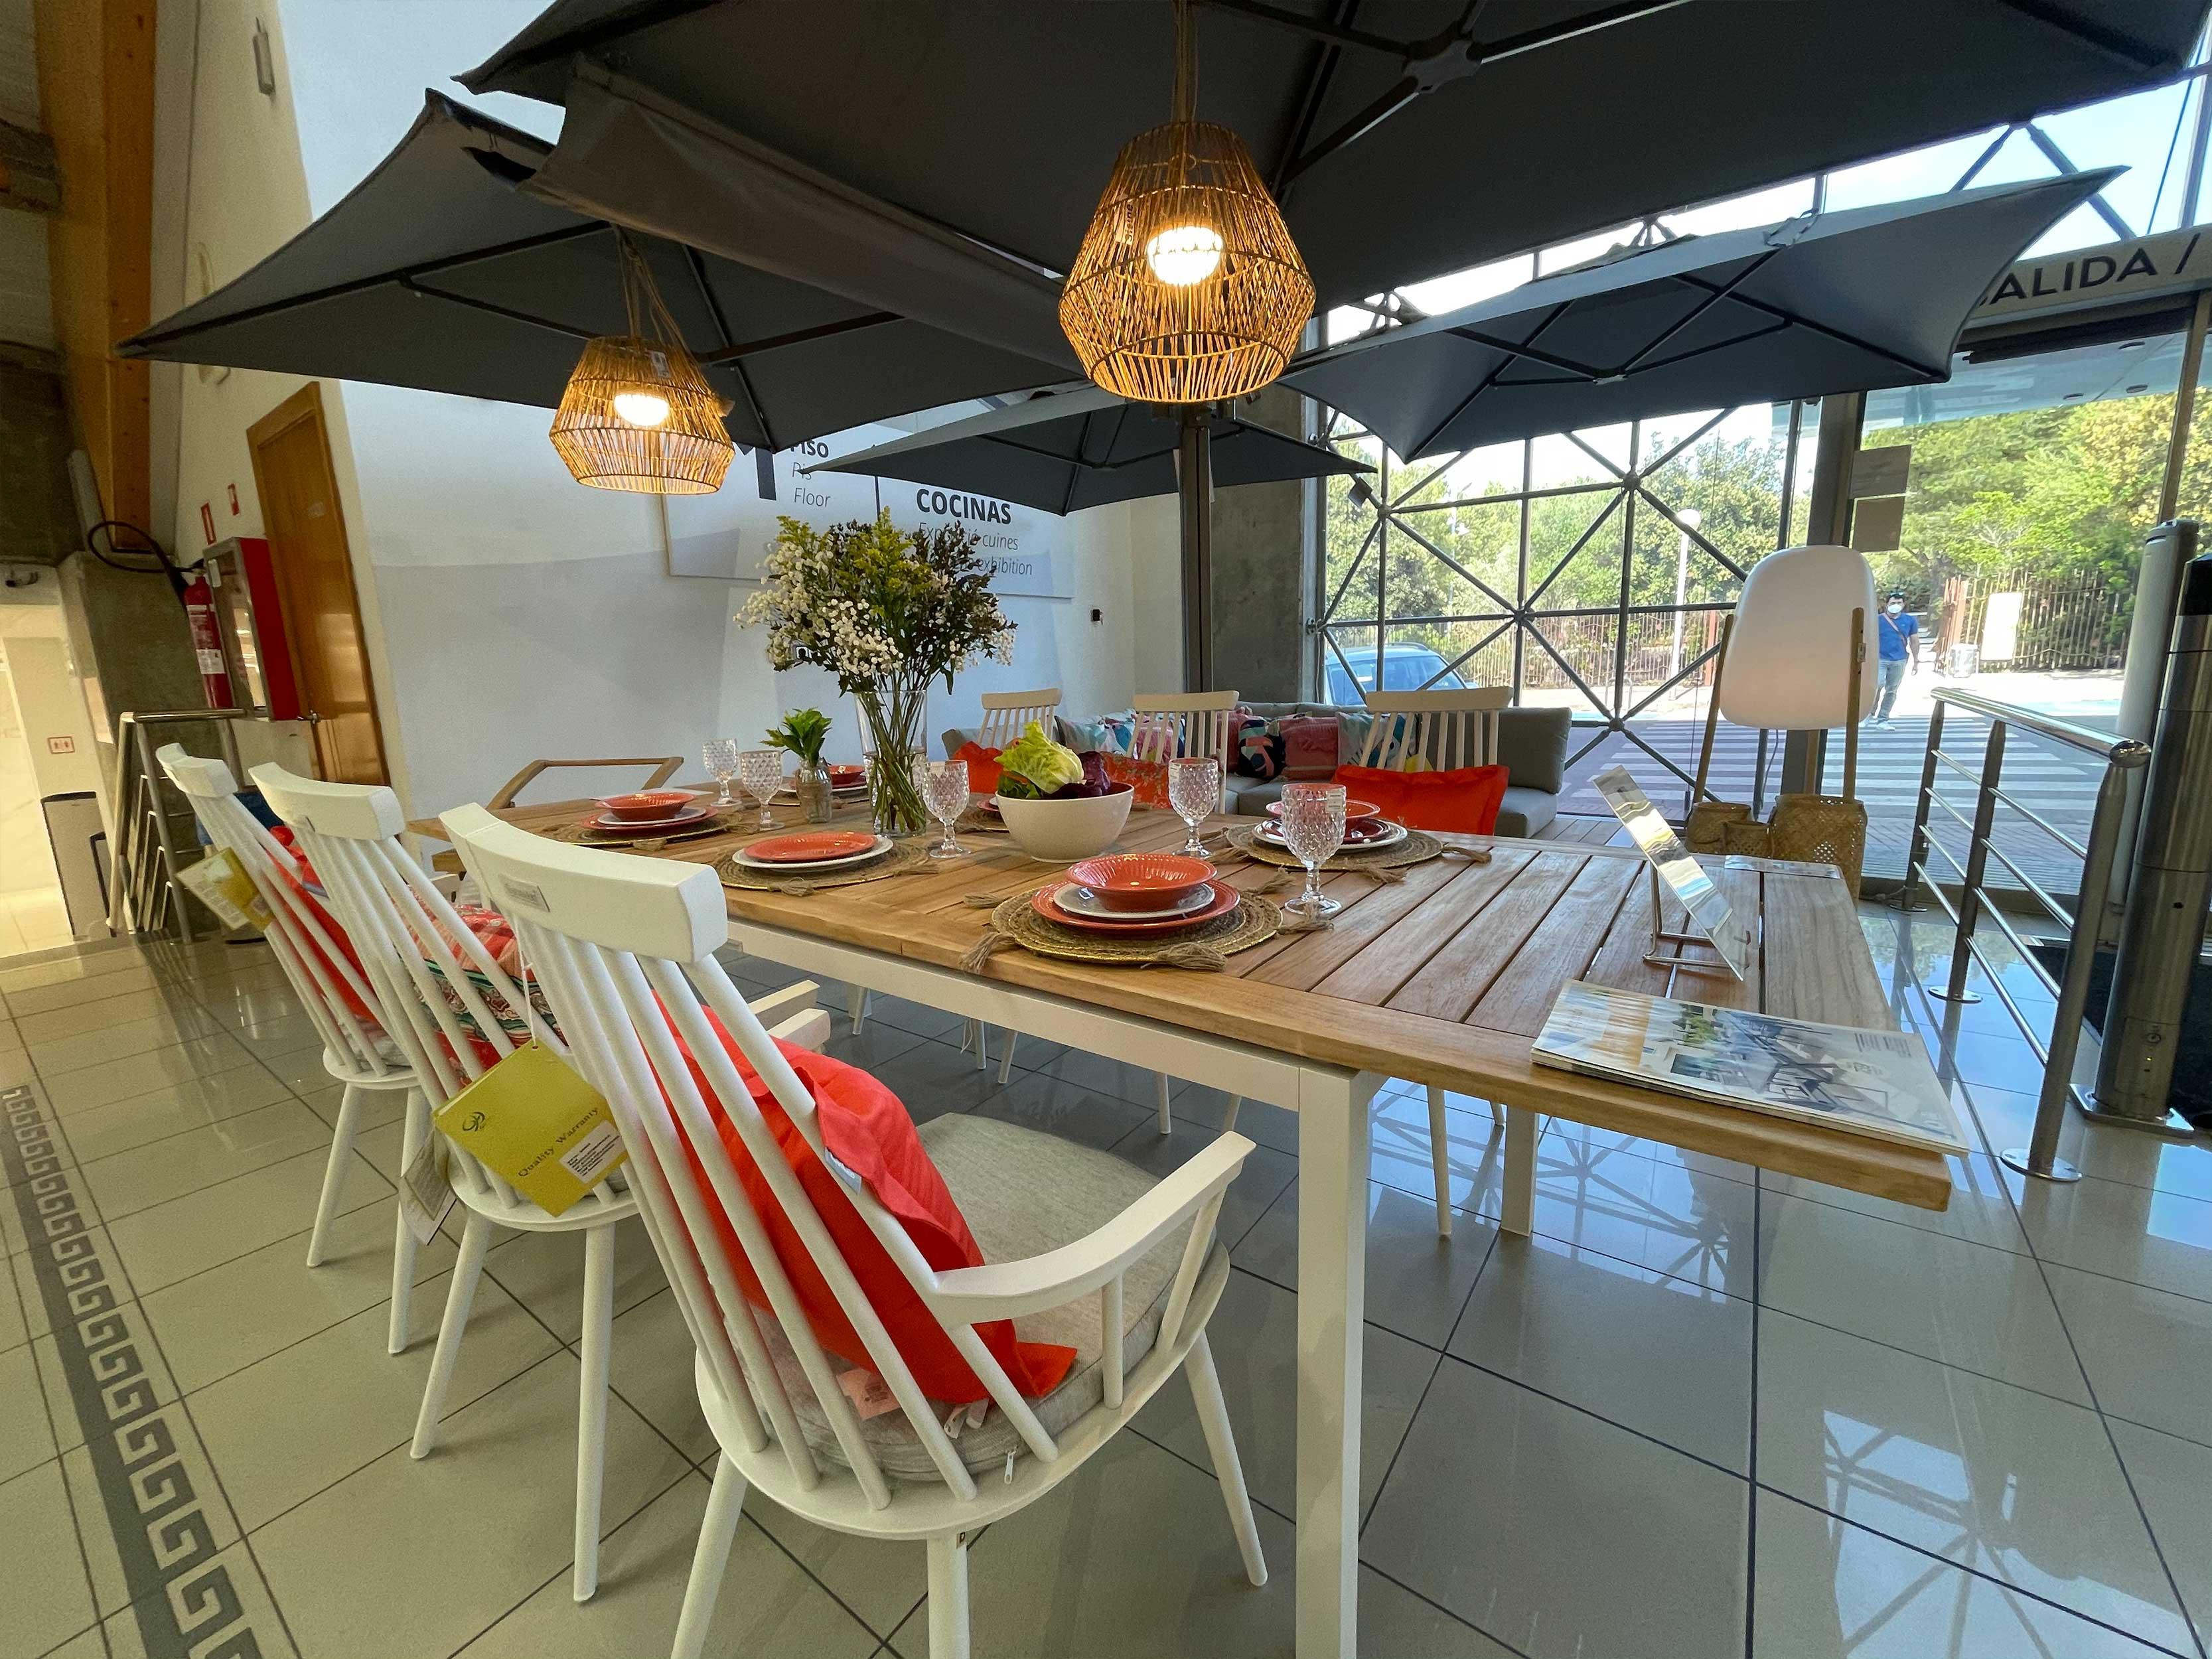 mesa-madera-toldo-exterior-menorca